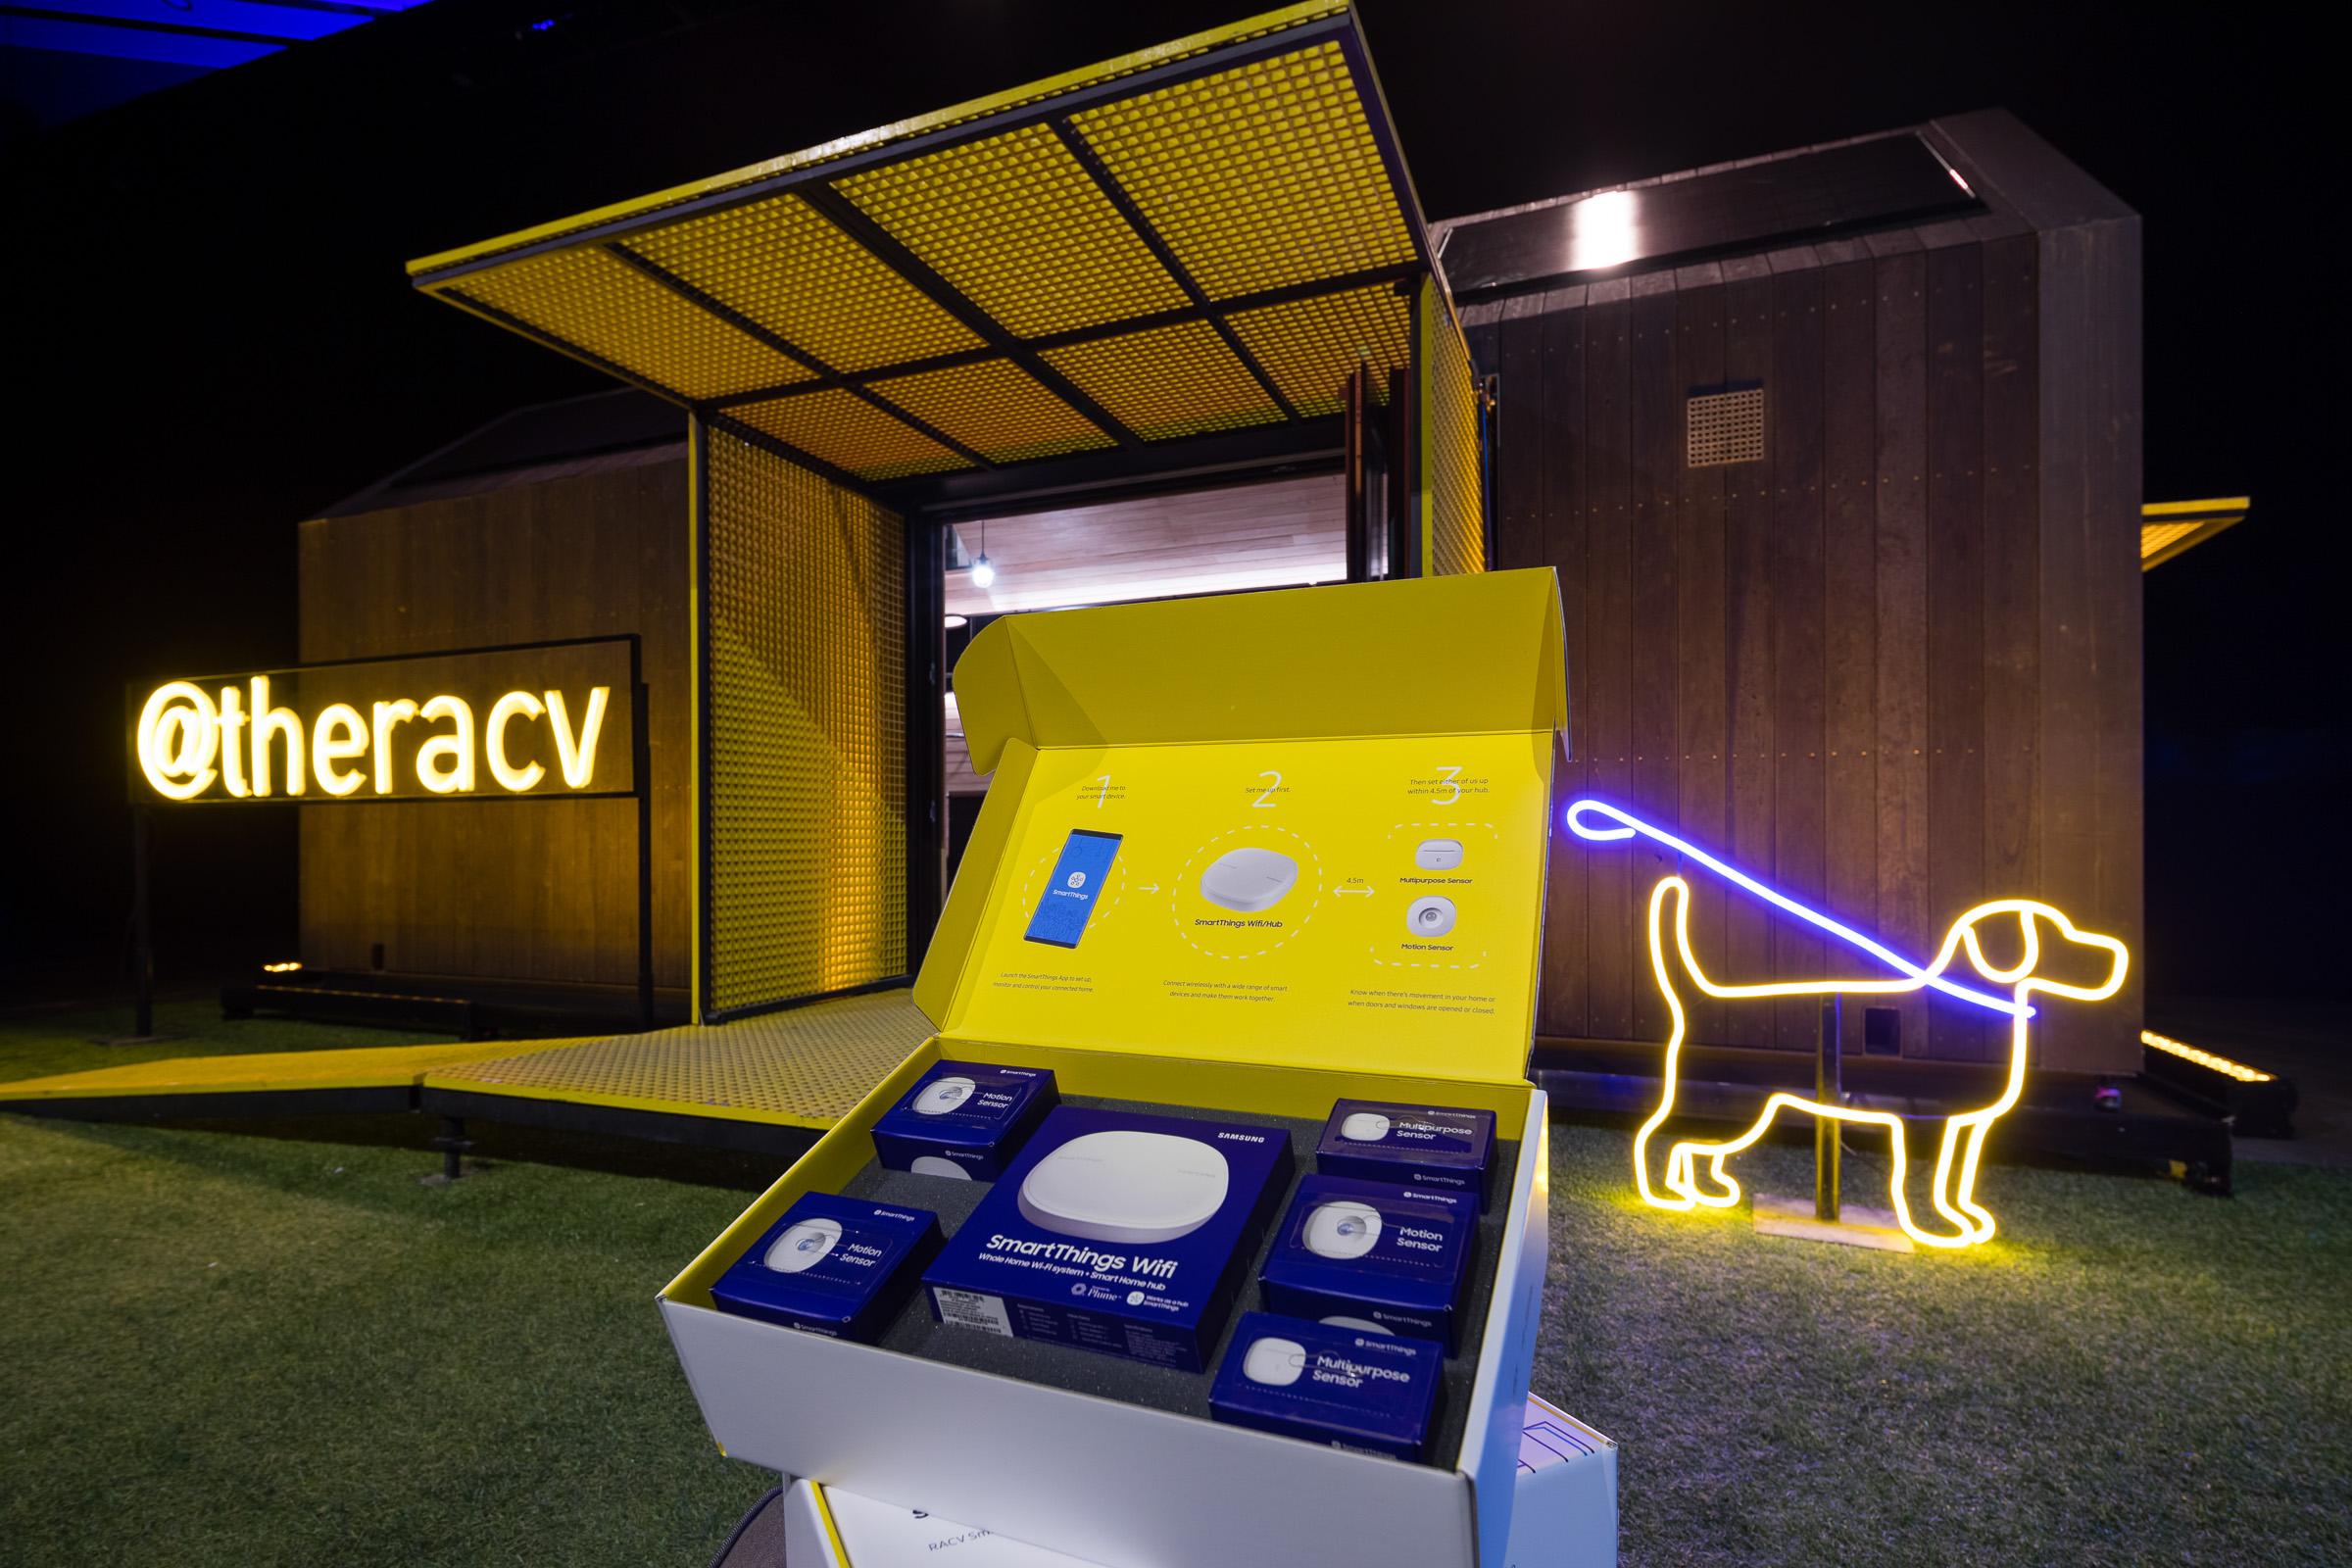 RACV-Smart-Home-starter-kit-with-SmartThings-Hub-and-the-RACV.jpg